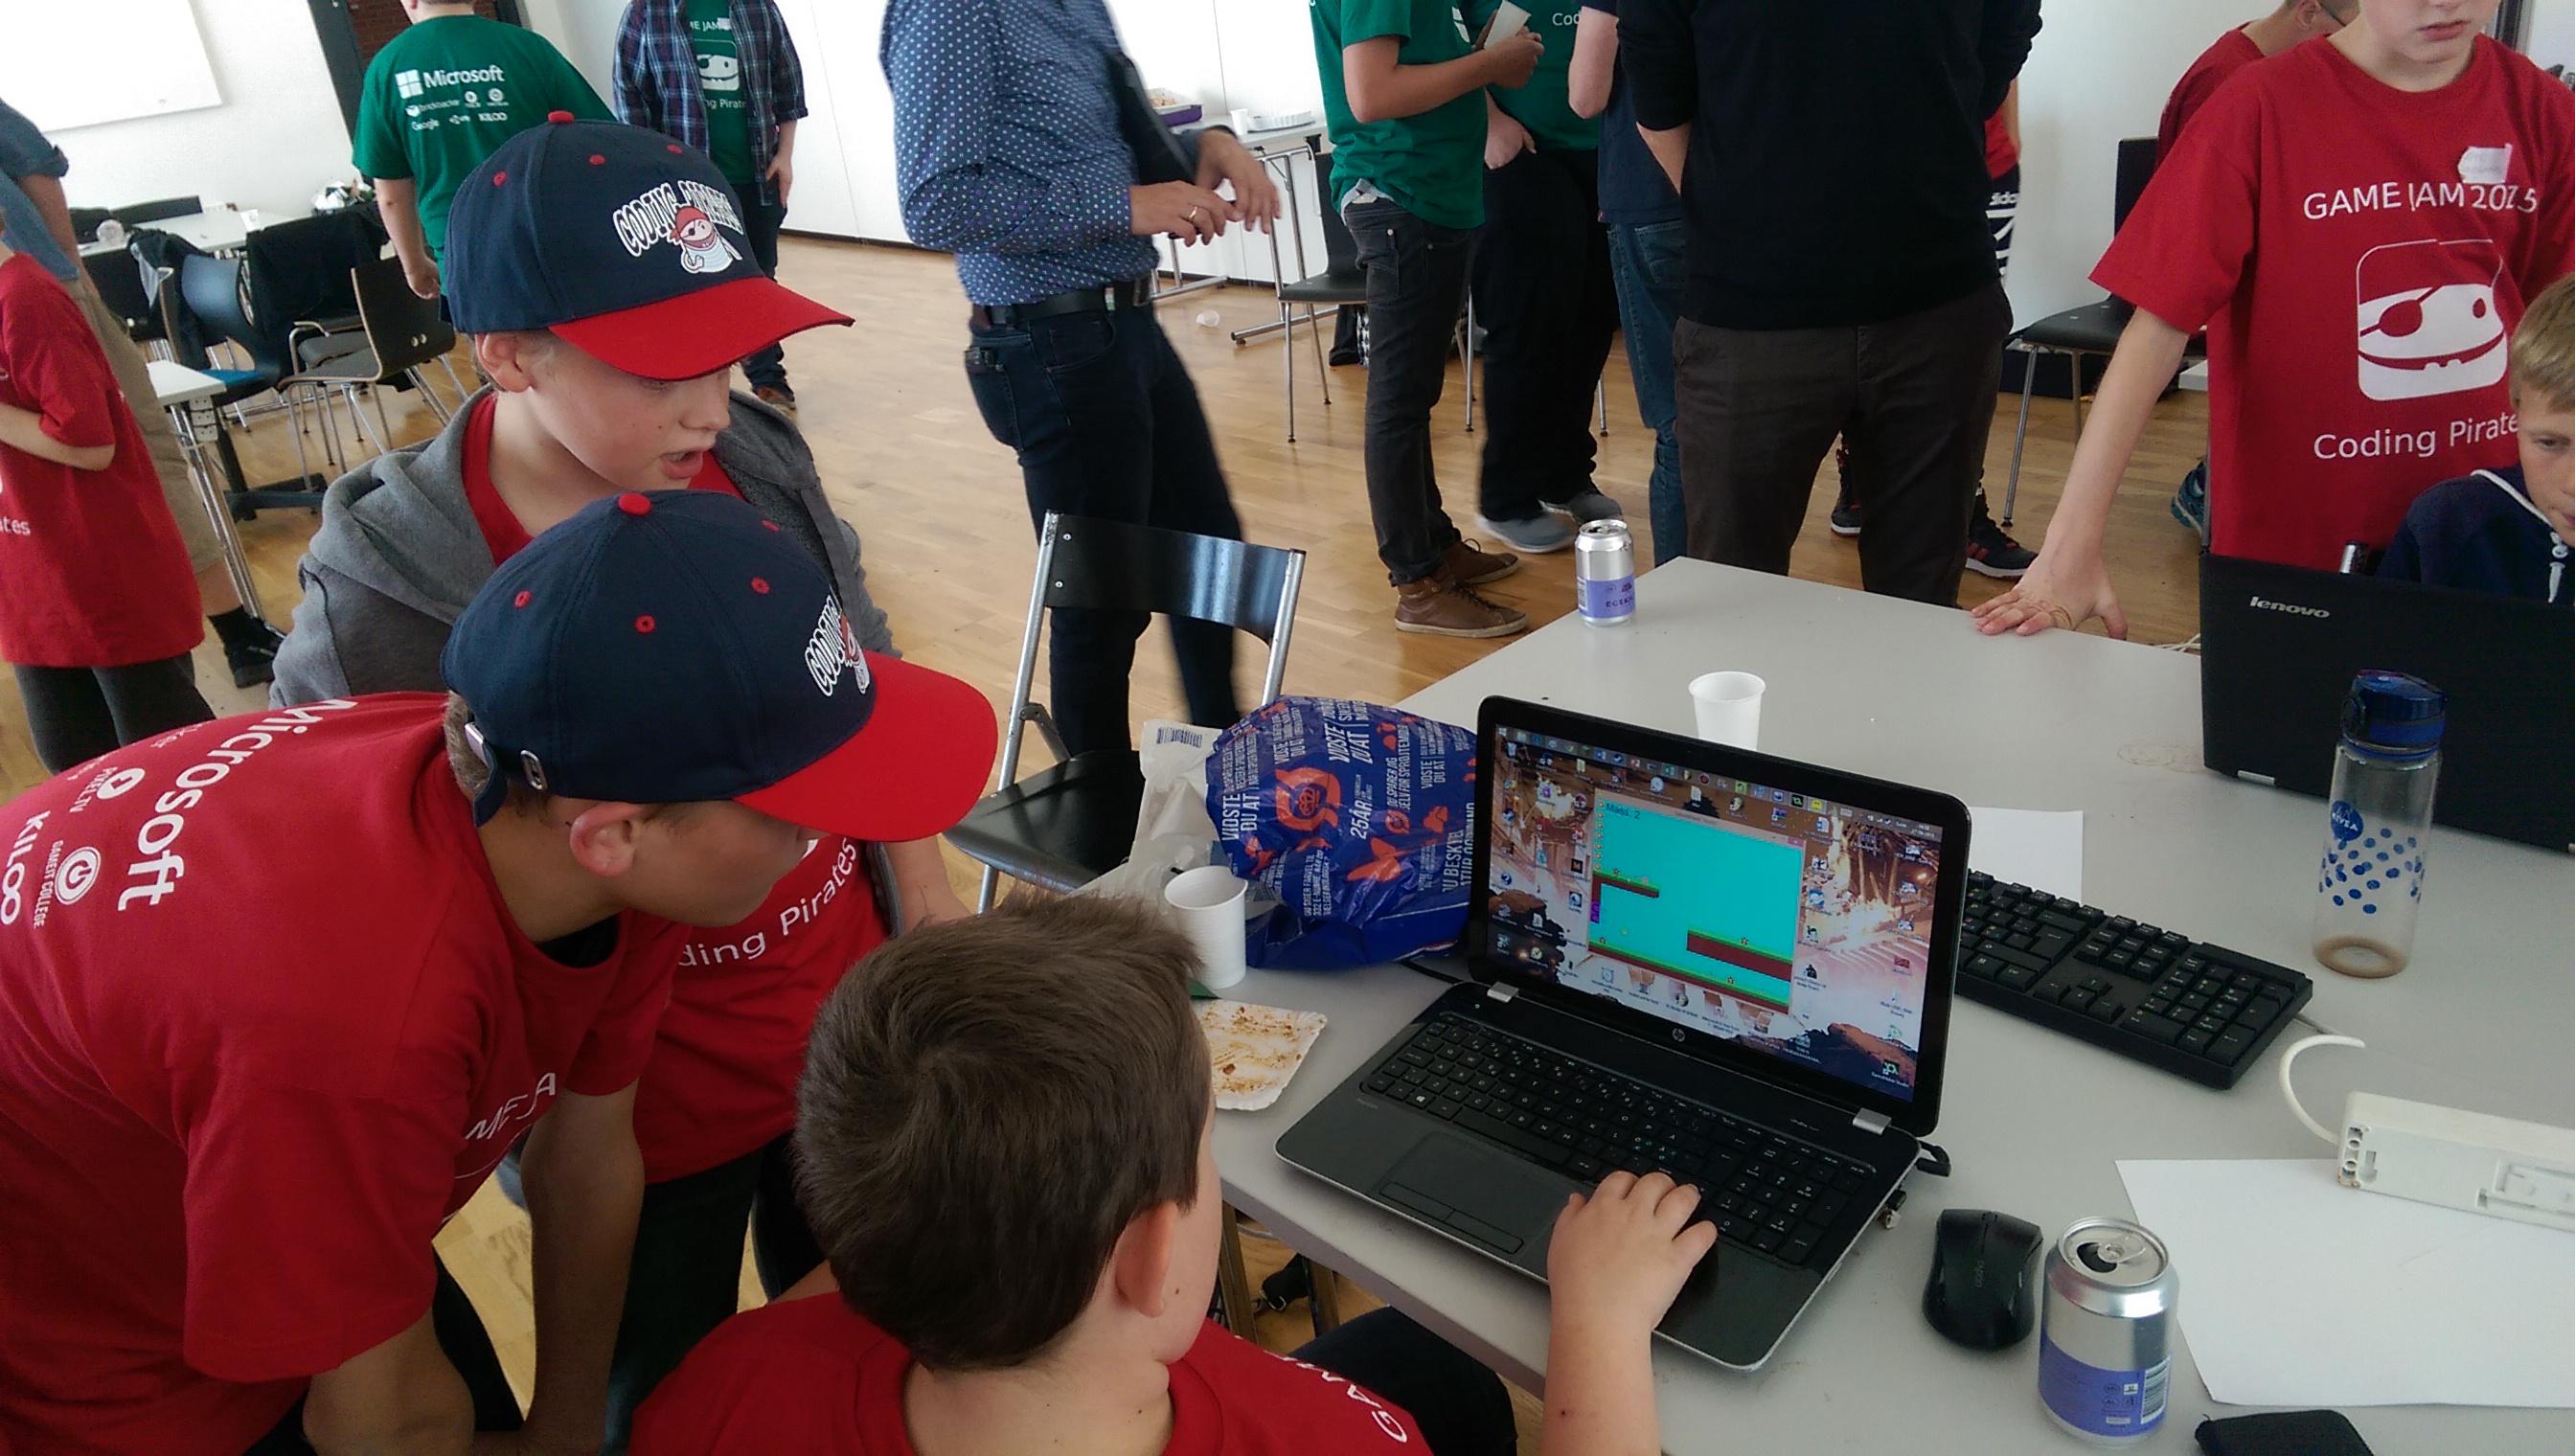 Coding Pirates Game Jam 2015